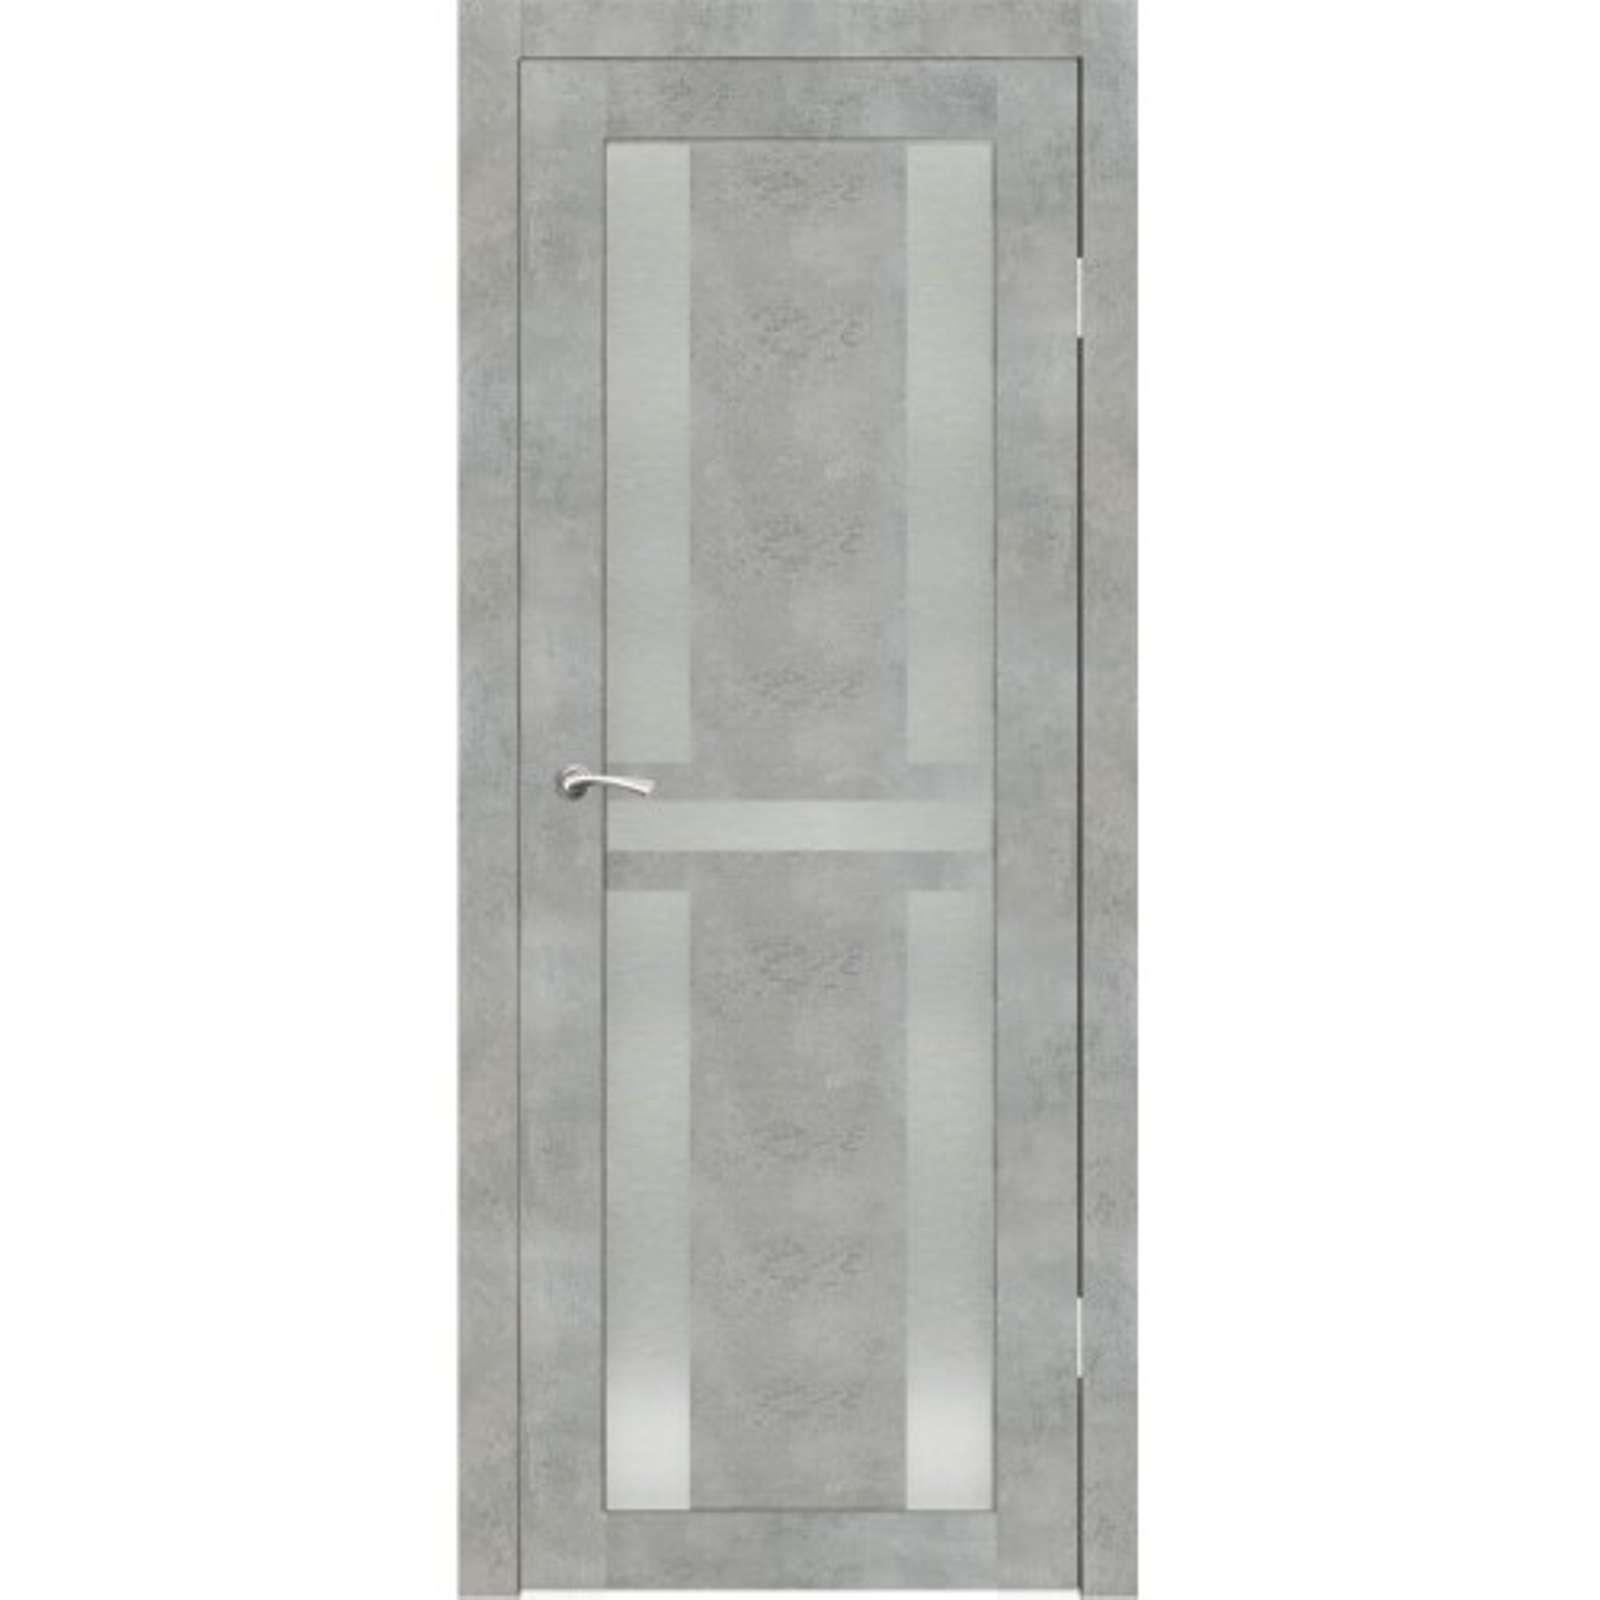 Полотно дверное остекленное Мадена СИНЕРЖИ грей ПВХ, ПДО 900х2000мм